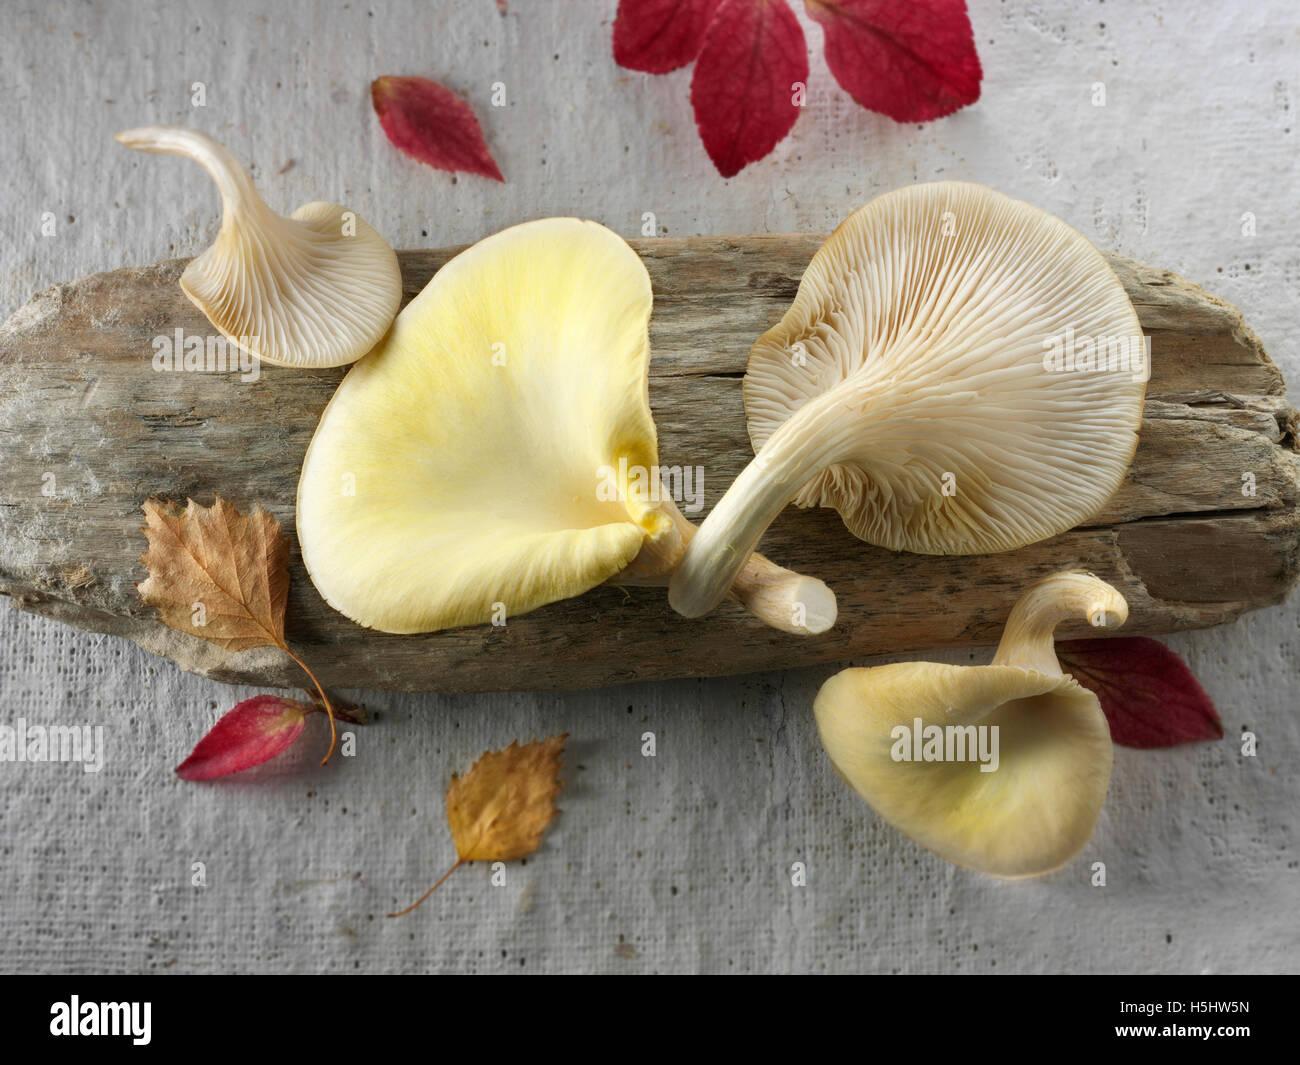 A jaune ou d'or comestible pleurotes (Pleurotus citrinopileatus) Photo Stock